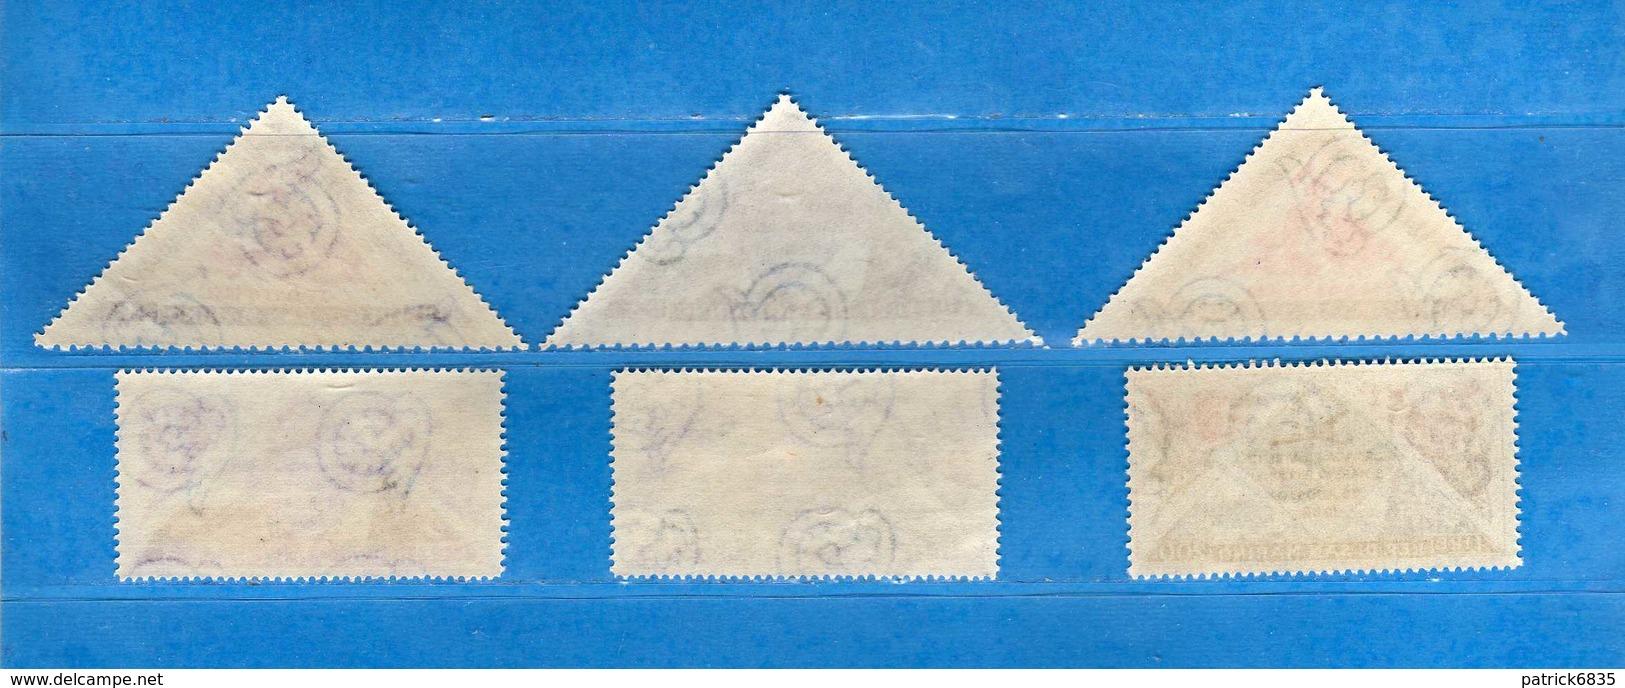 (Riz1) San.MARINO**-1952 - POSTA AEREA - Giornata Filatelica . Unif. A103/A108.  MNH. Vedi Descrizione - Luftpost